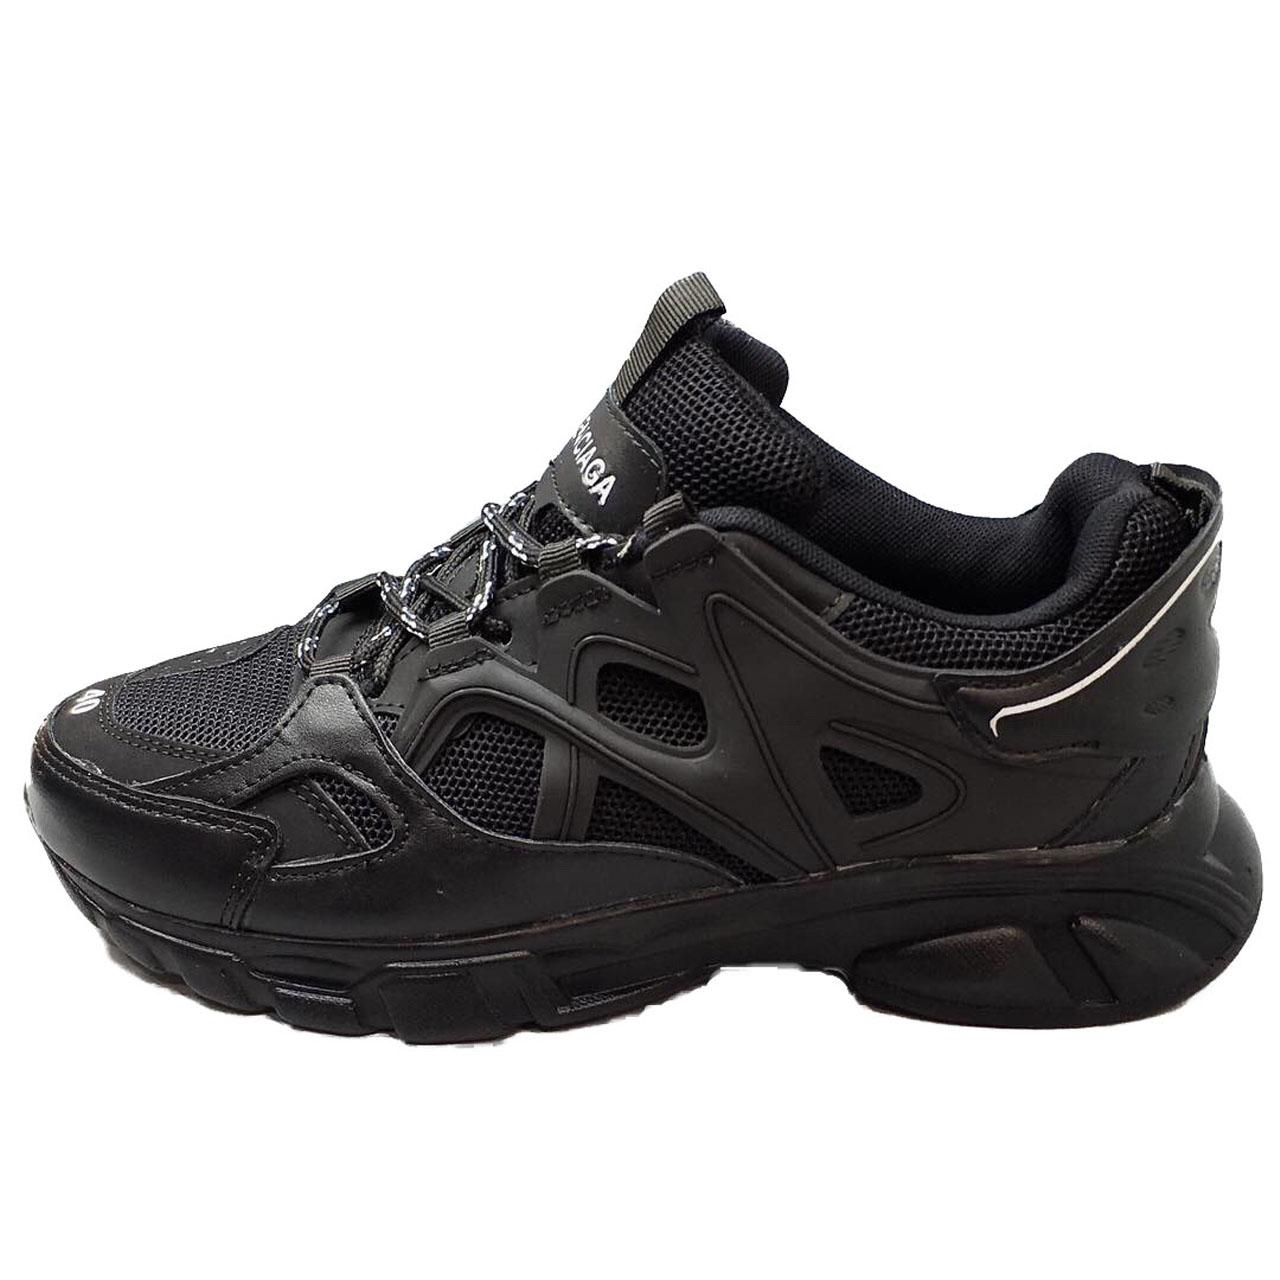 قیمت کفش ورزشی مردانه ترک کد t1